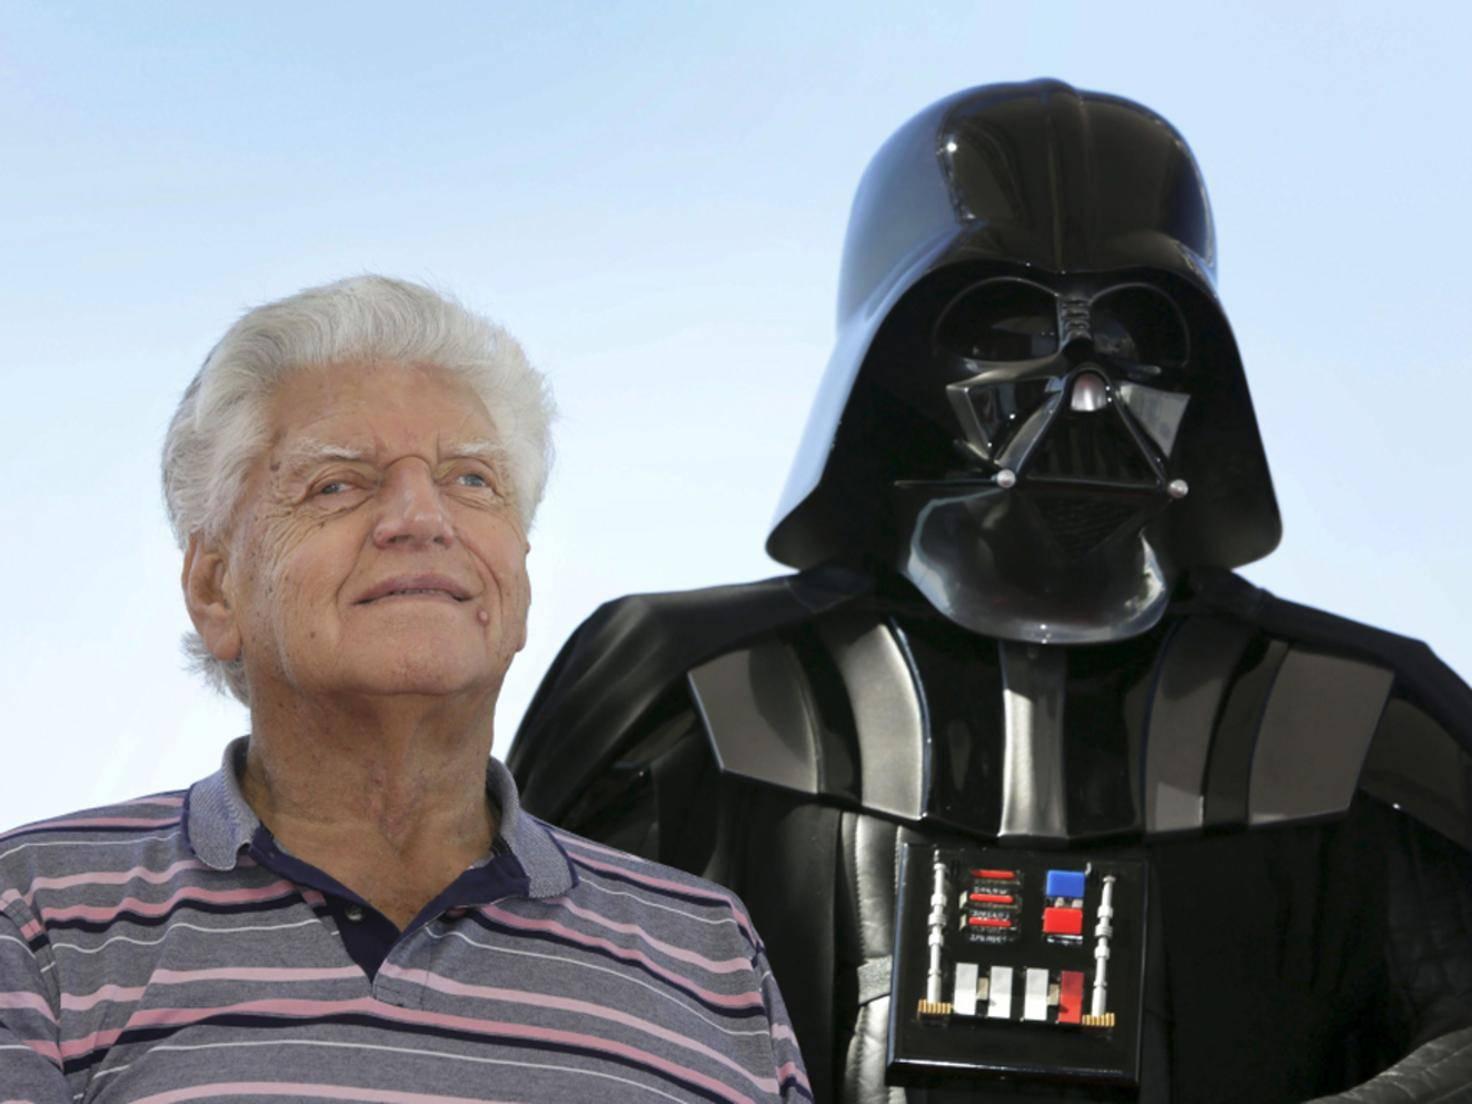 Darth Vader kennt jeder – die Person dahinter hingegen kaum.